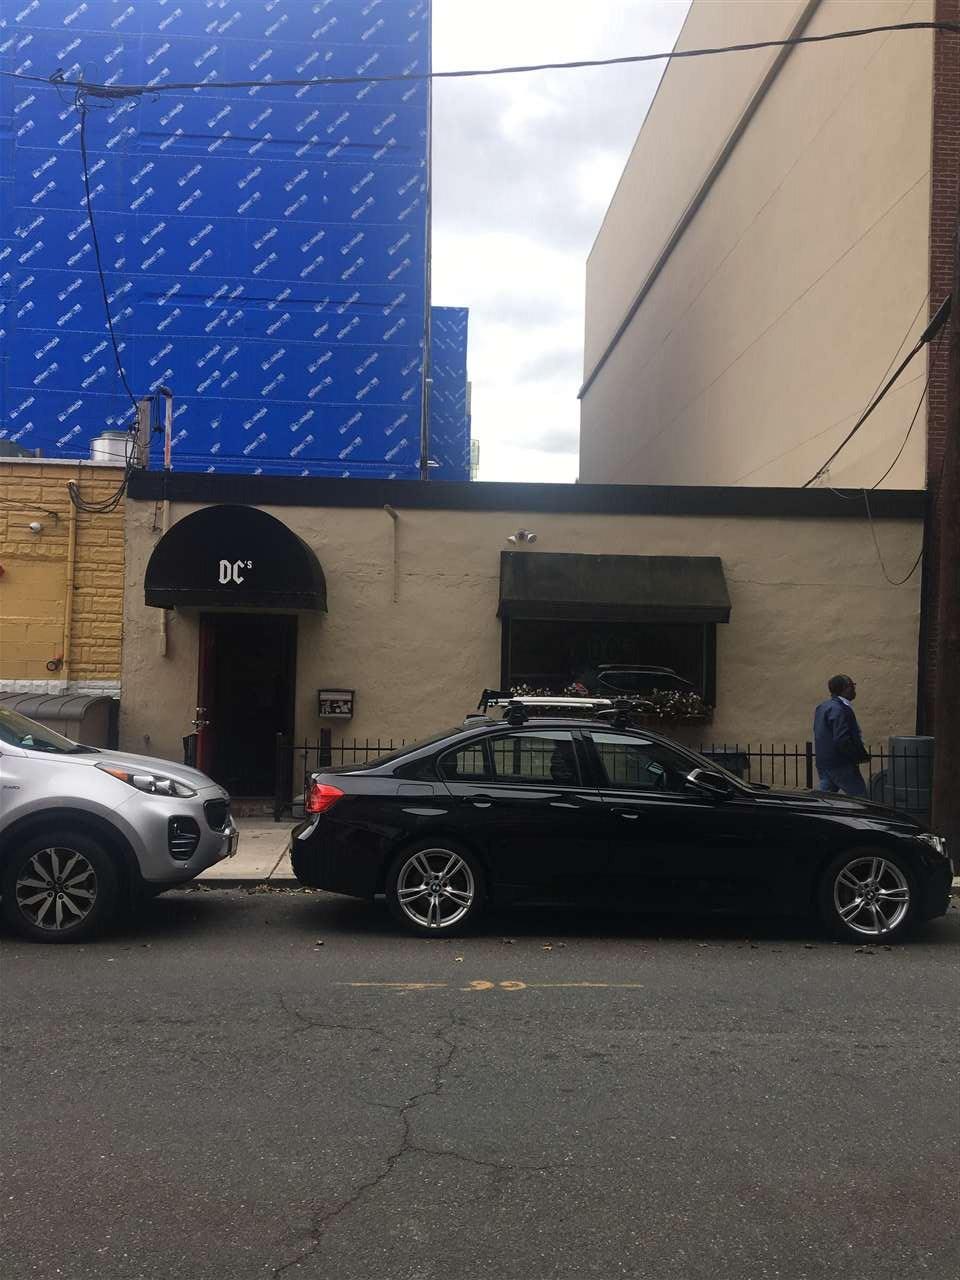 8TH ST, Hoboken, NJ 07030